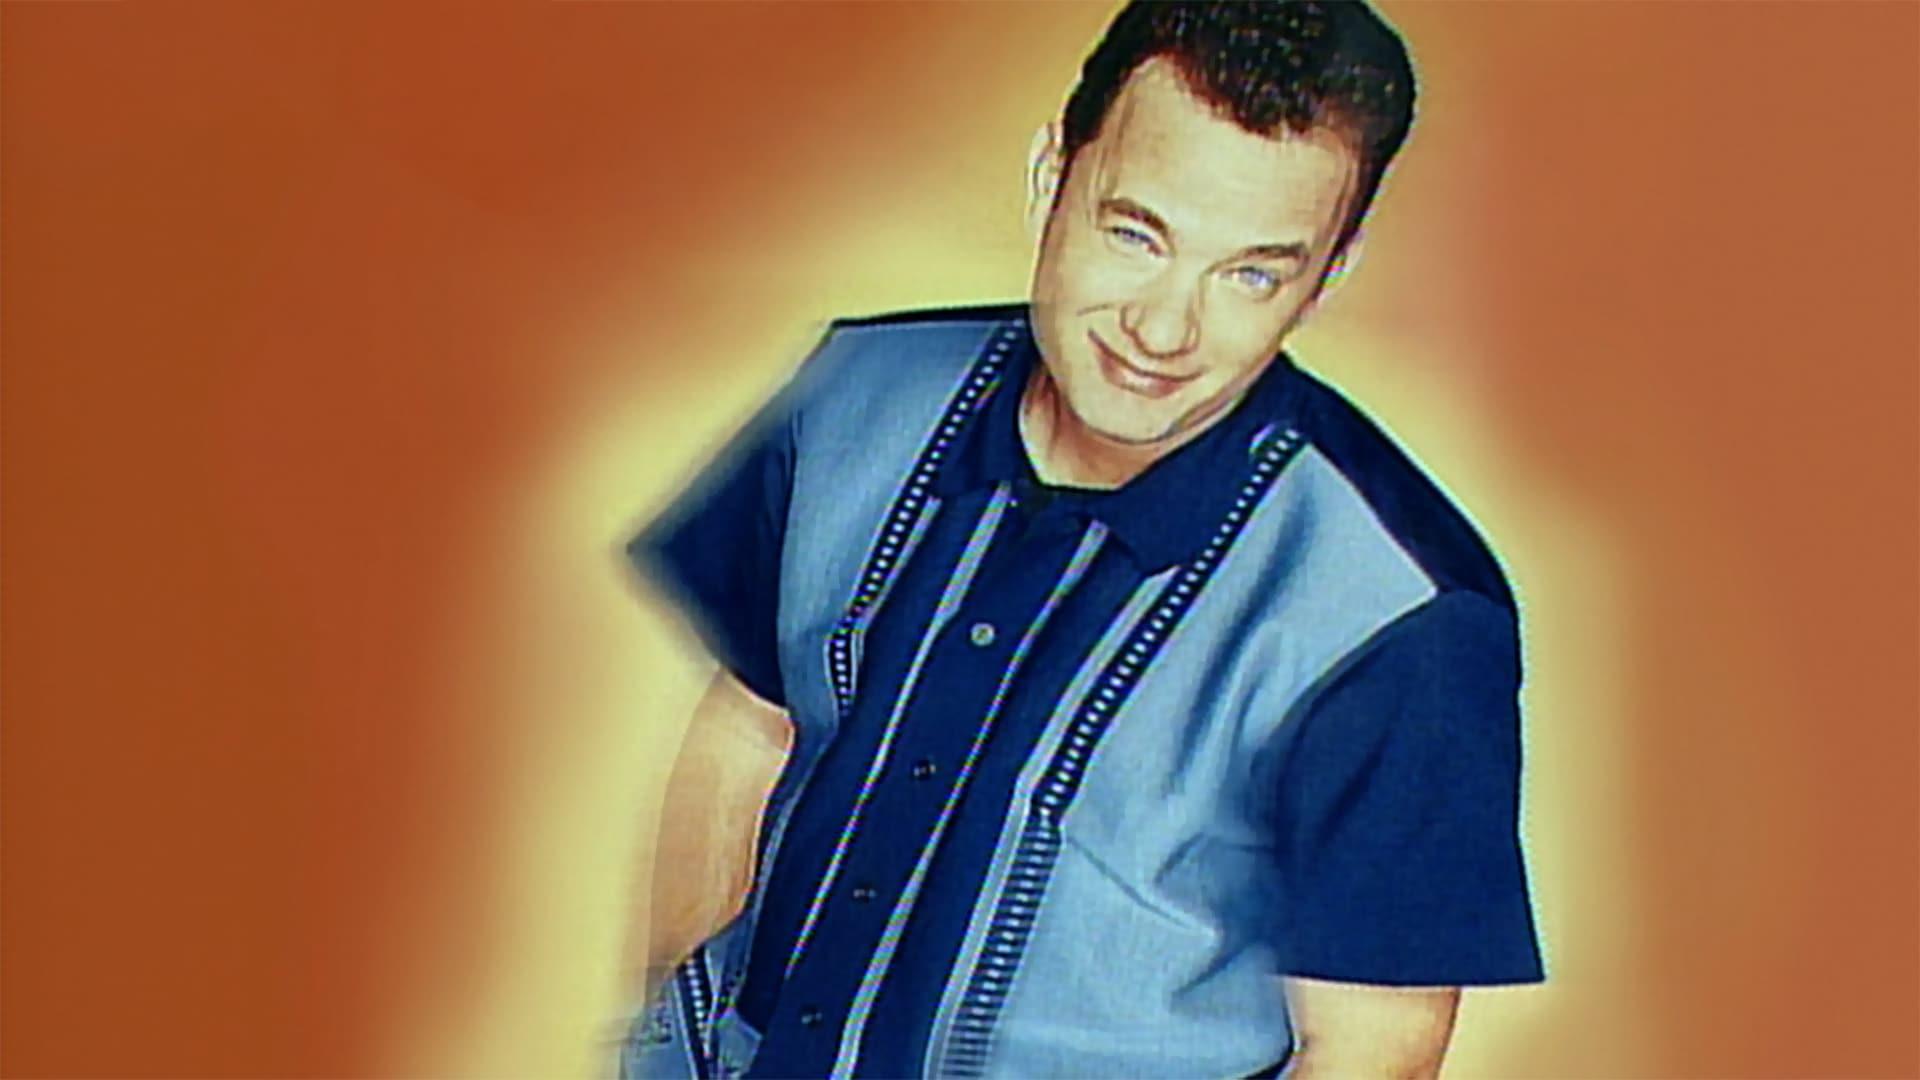 Tom Hanks: September 28, 1996